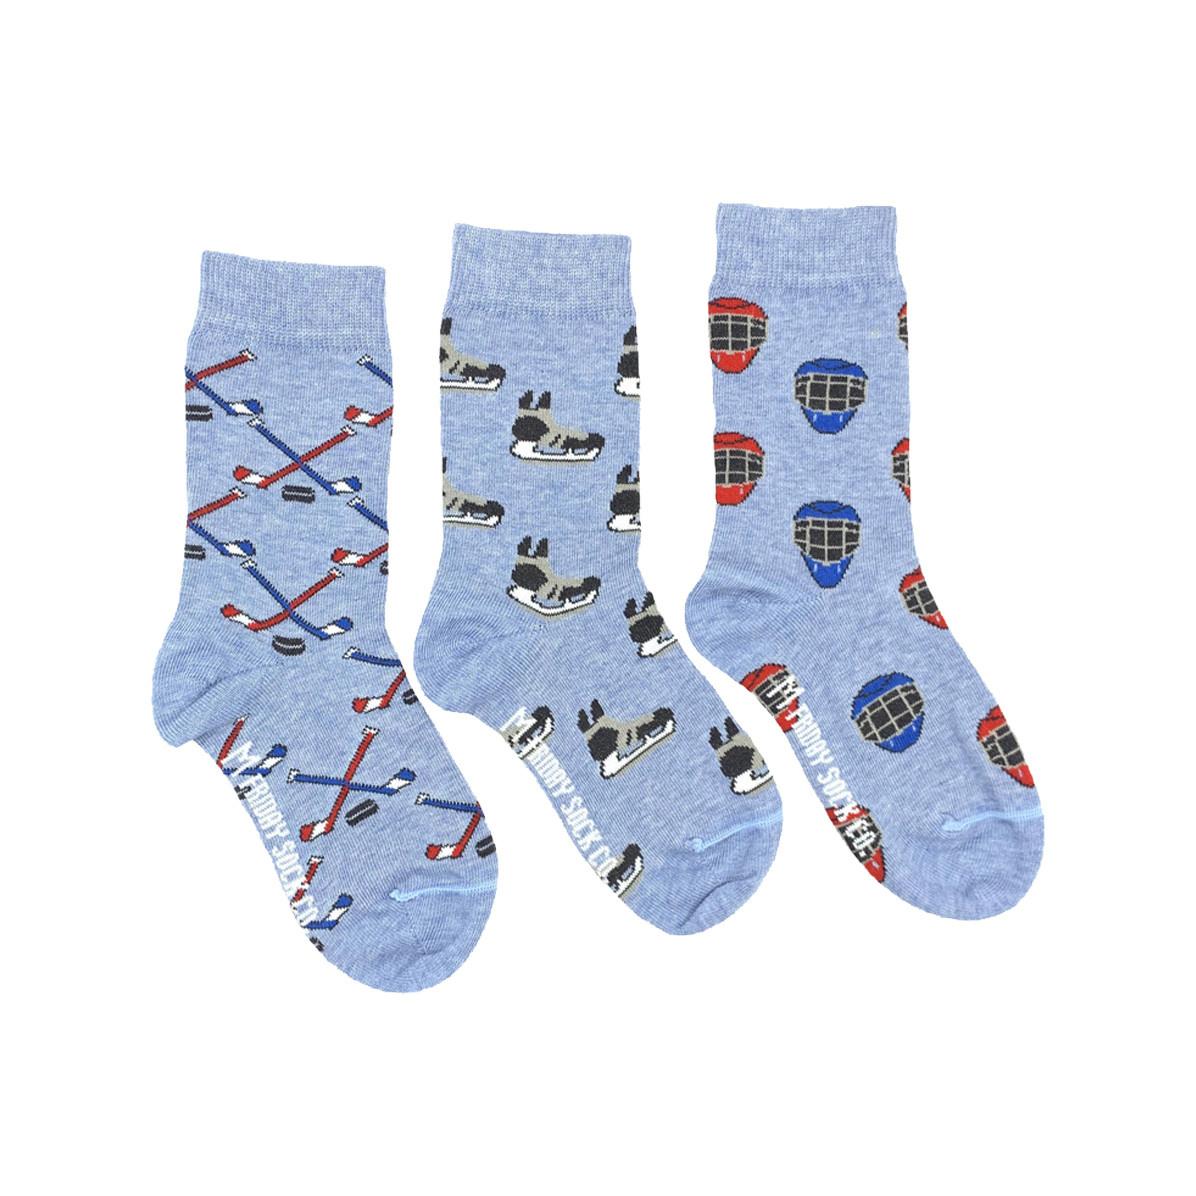 Friday Sock Co. Friday Sock Co. Kids Hockey Crew